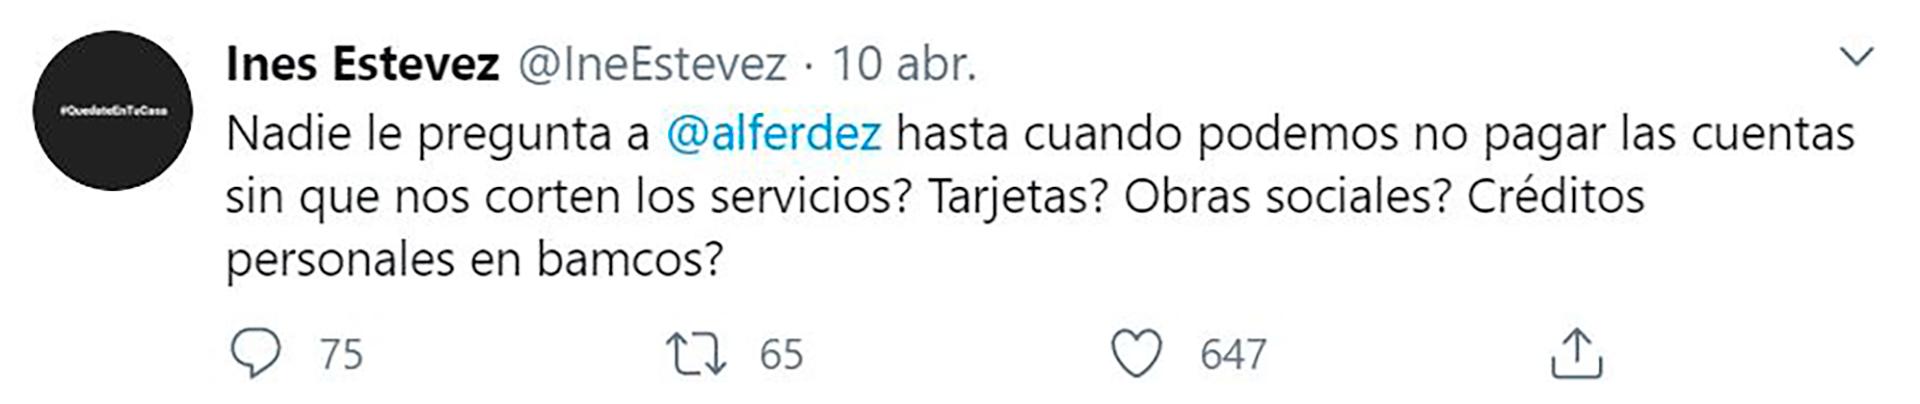 Estévez se preguntó también sobre los vencimientos de los servicios (Foto: Twitter)